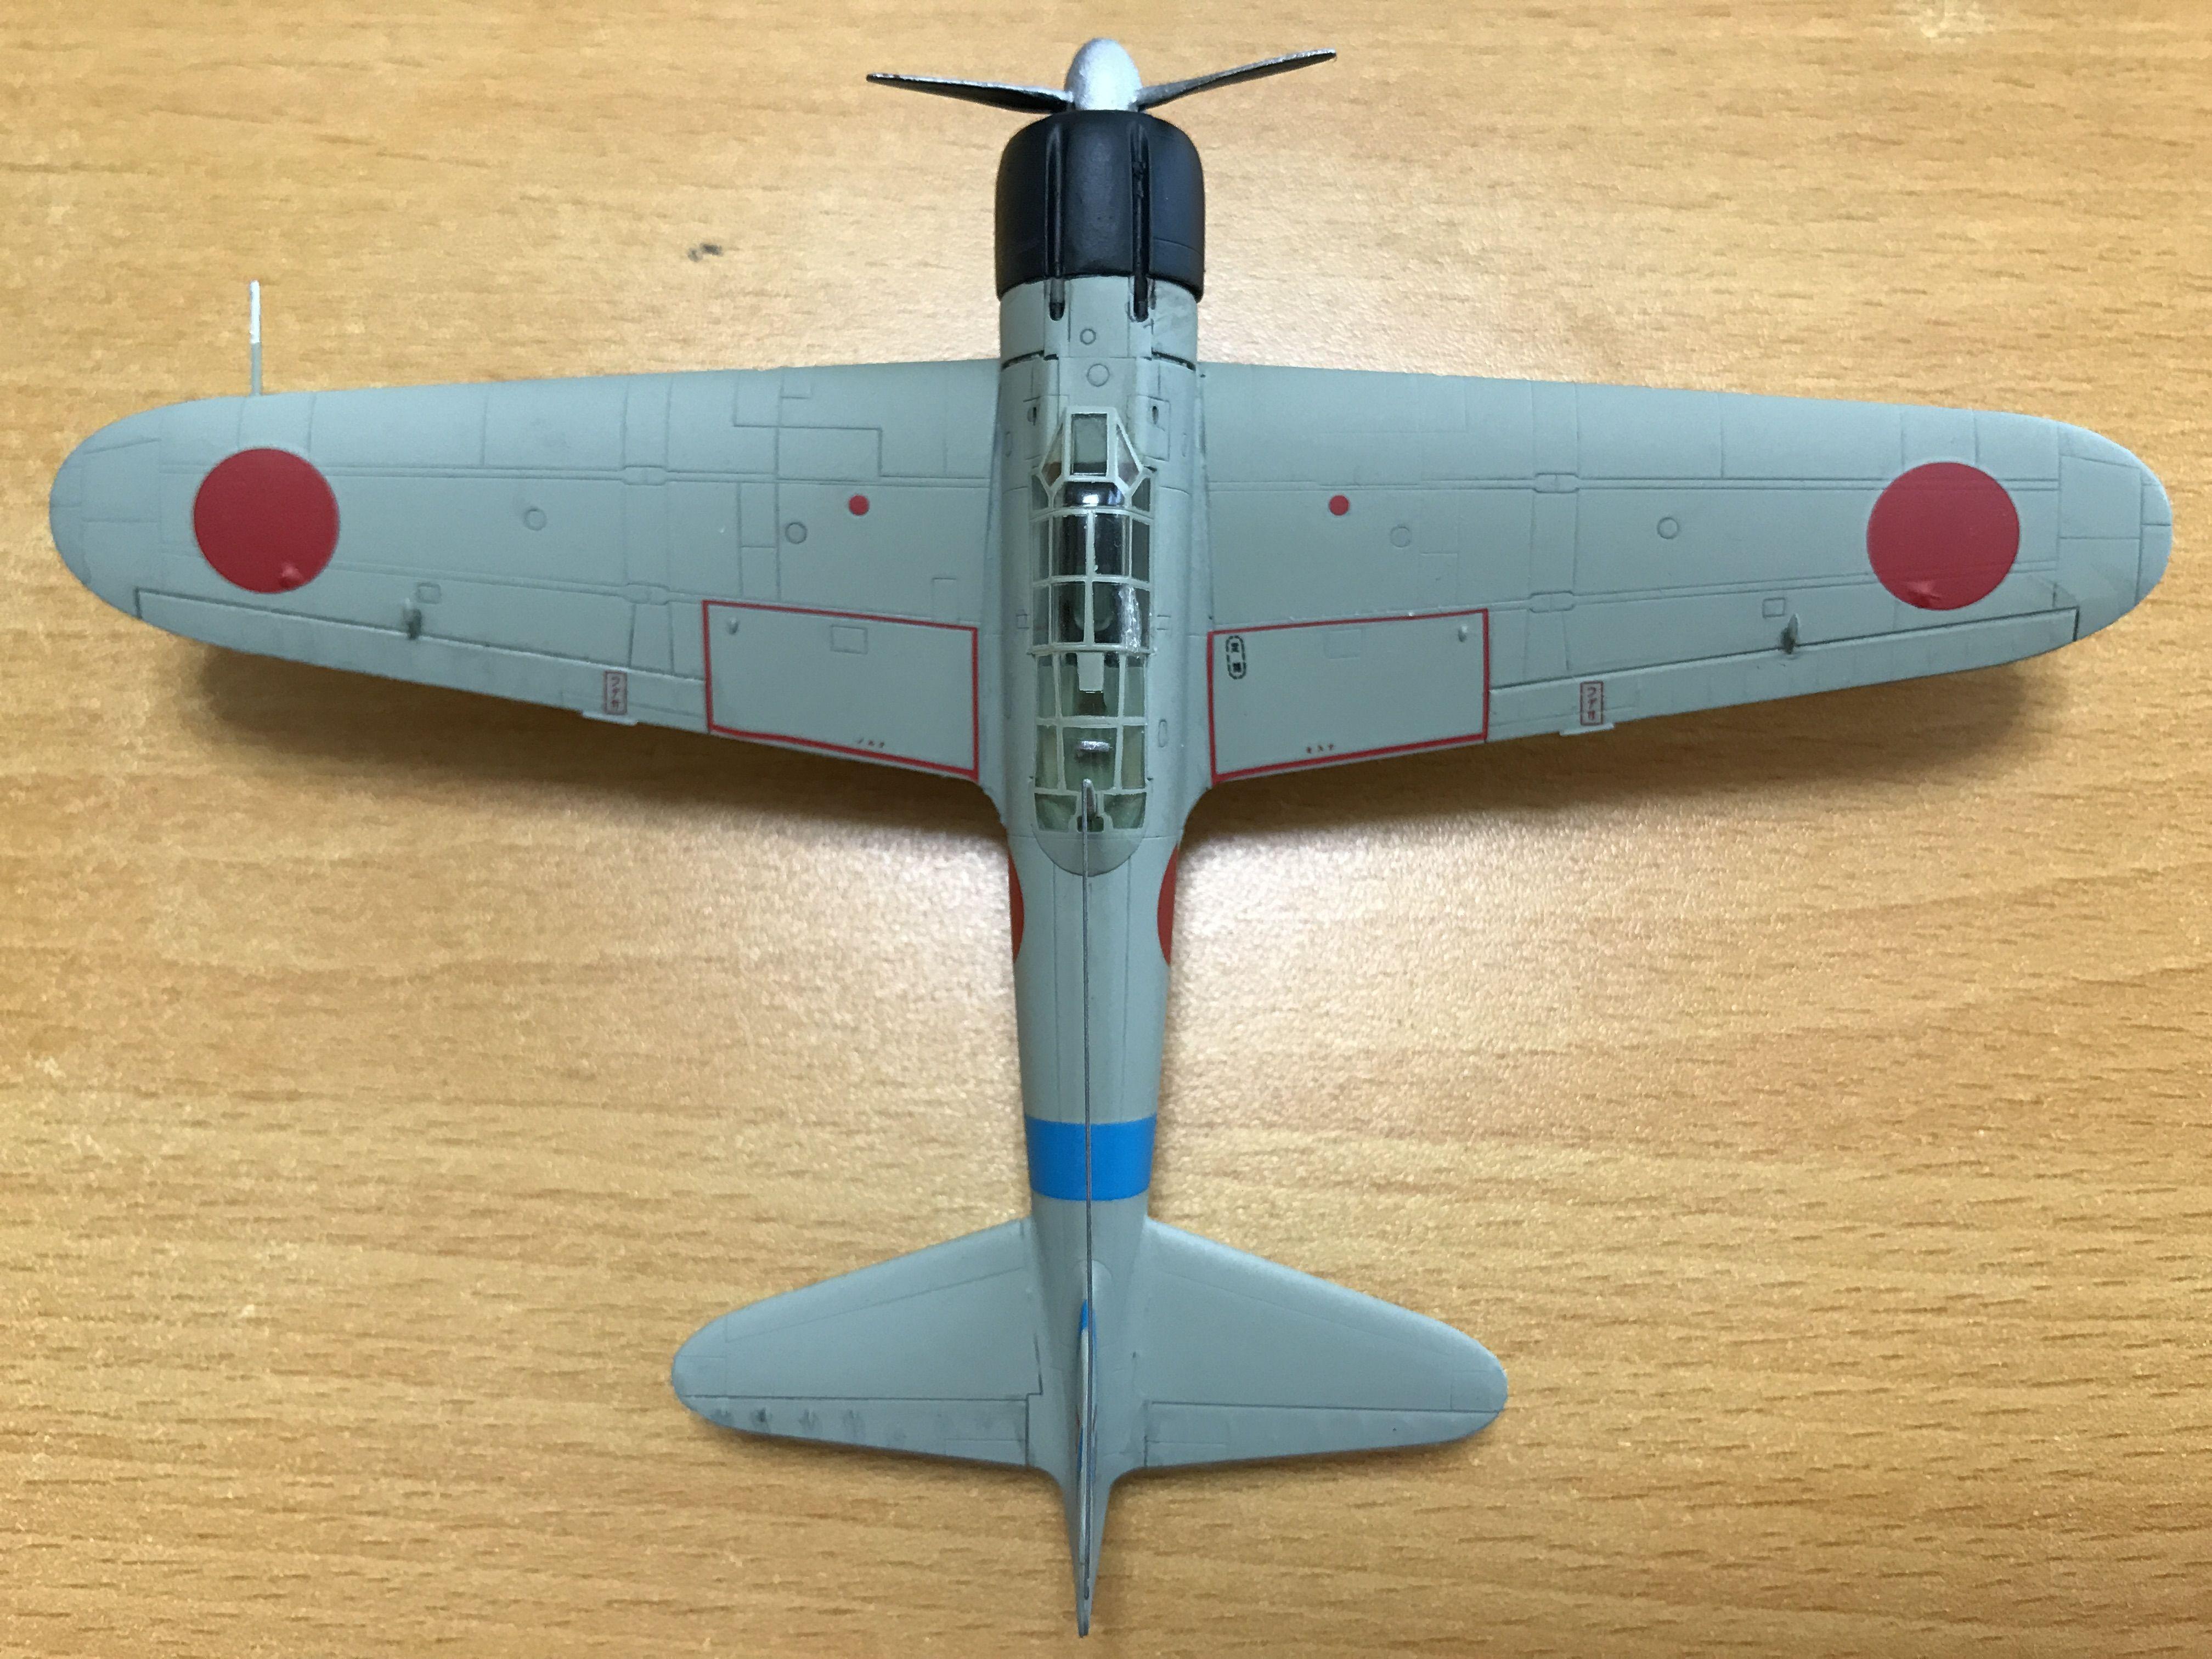 1/72 ハセガワ 零式艦上戦闘機21型・空母「蒼龍」第2次攻撃隊制空隊 ...